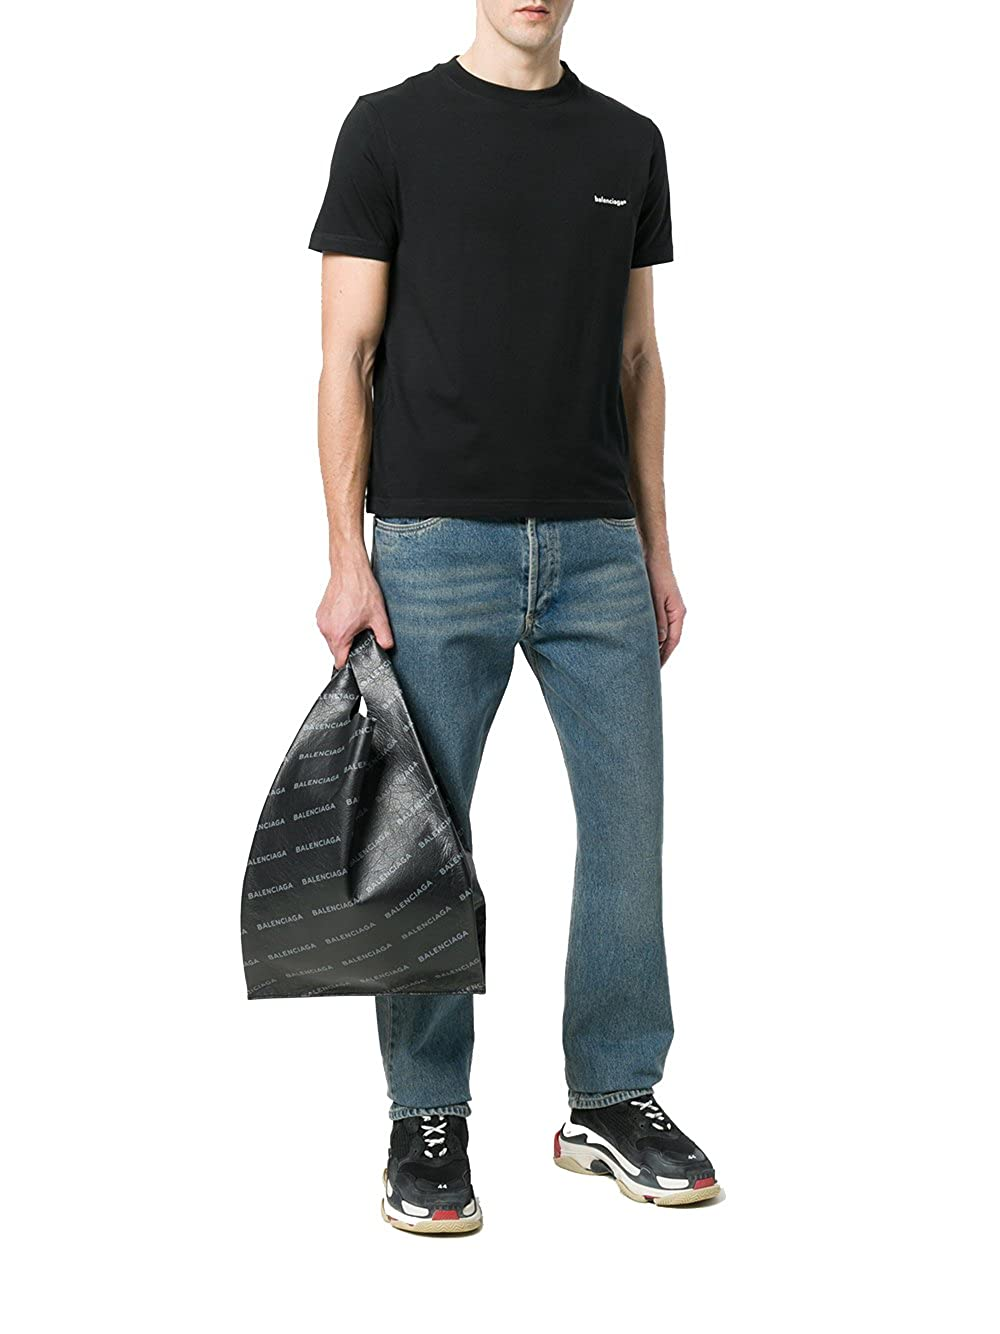 Balenciaga - Equipaje de mano Hombre, color Negro, talla Marke Größe UNI: Amazon.es: Ropa y accesorios